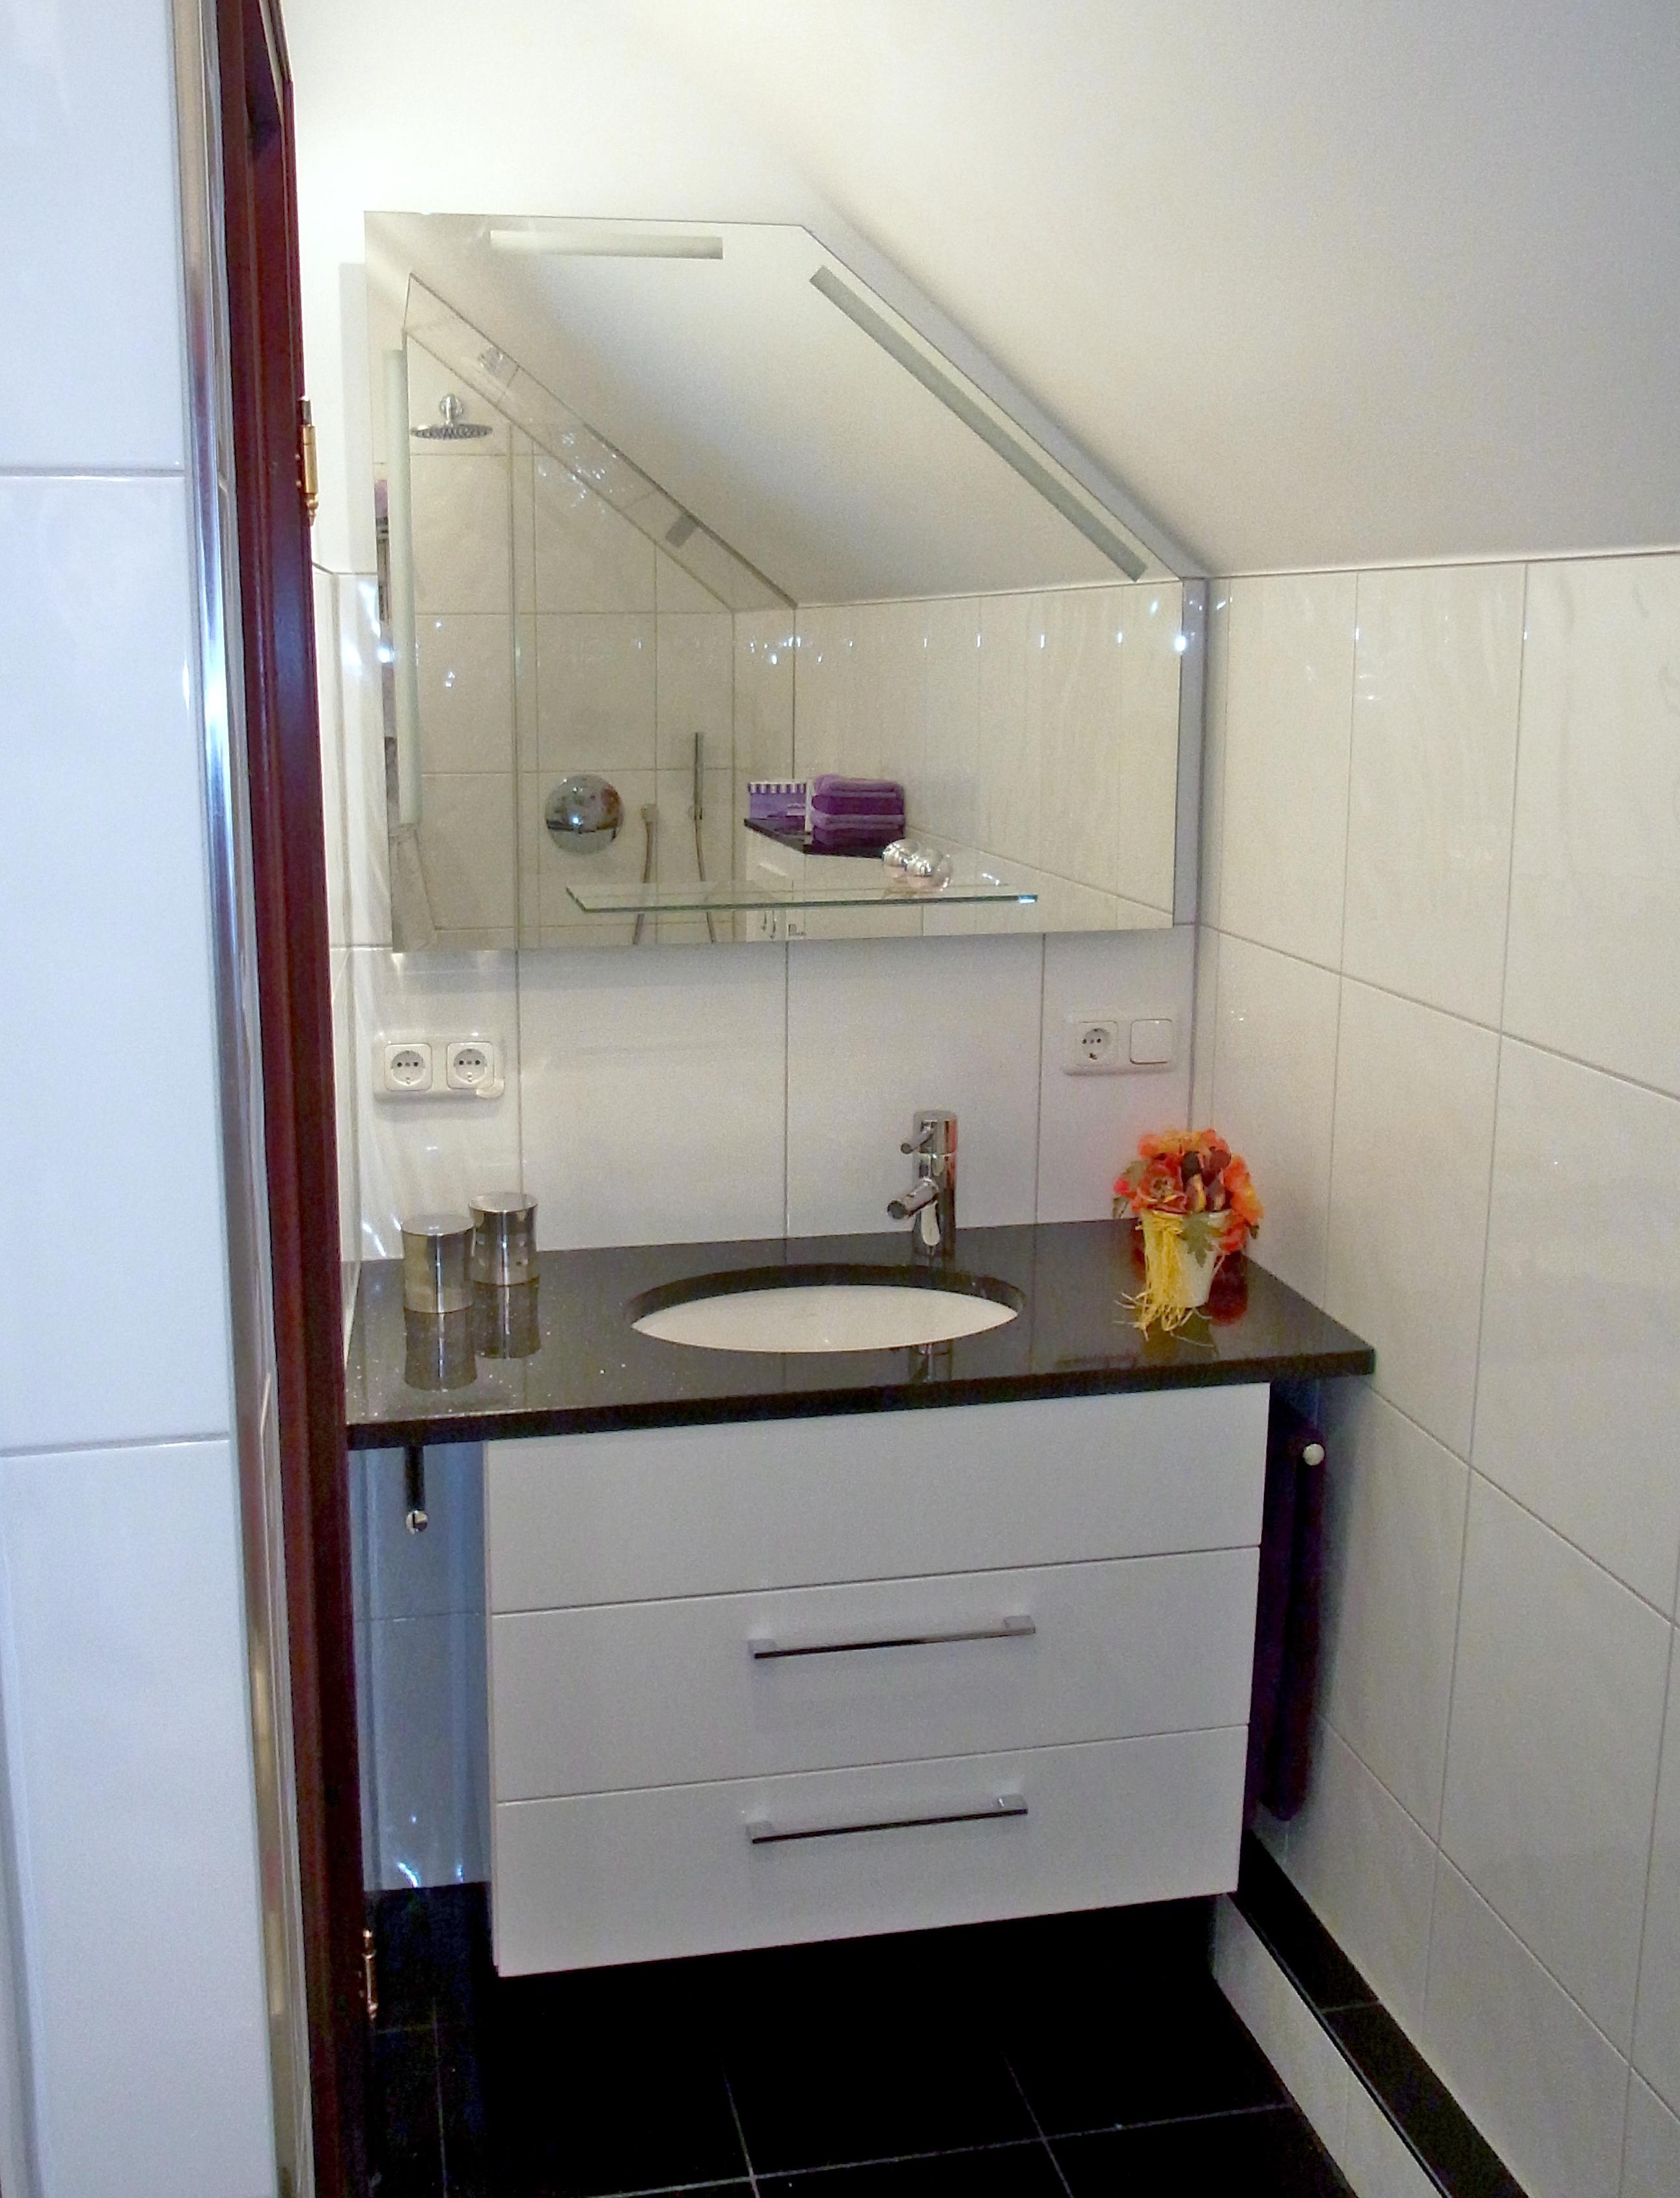 Bad / Sanitär - Badezimmersanierung aus einer Hand, in Pinneberg und ...